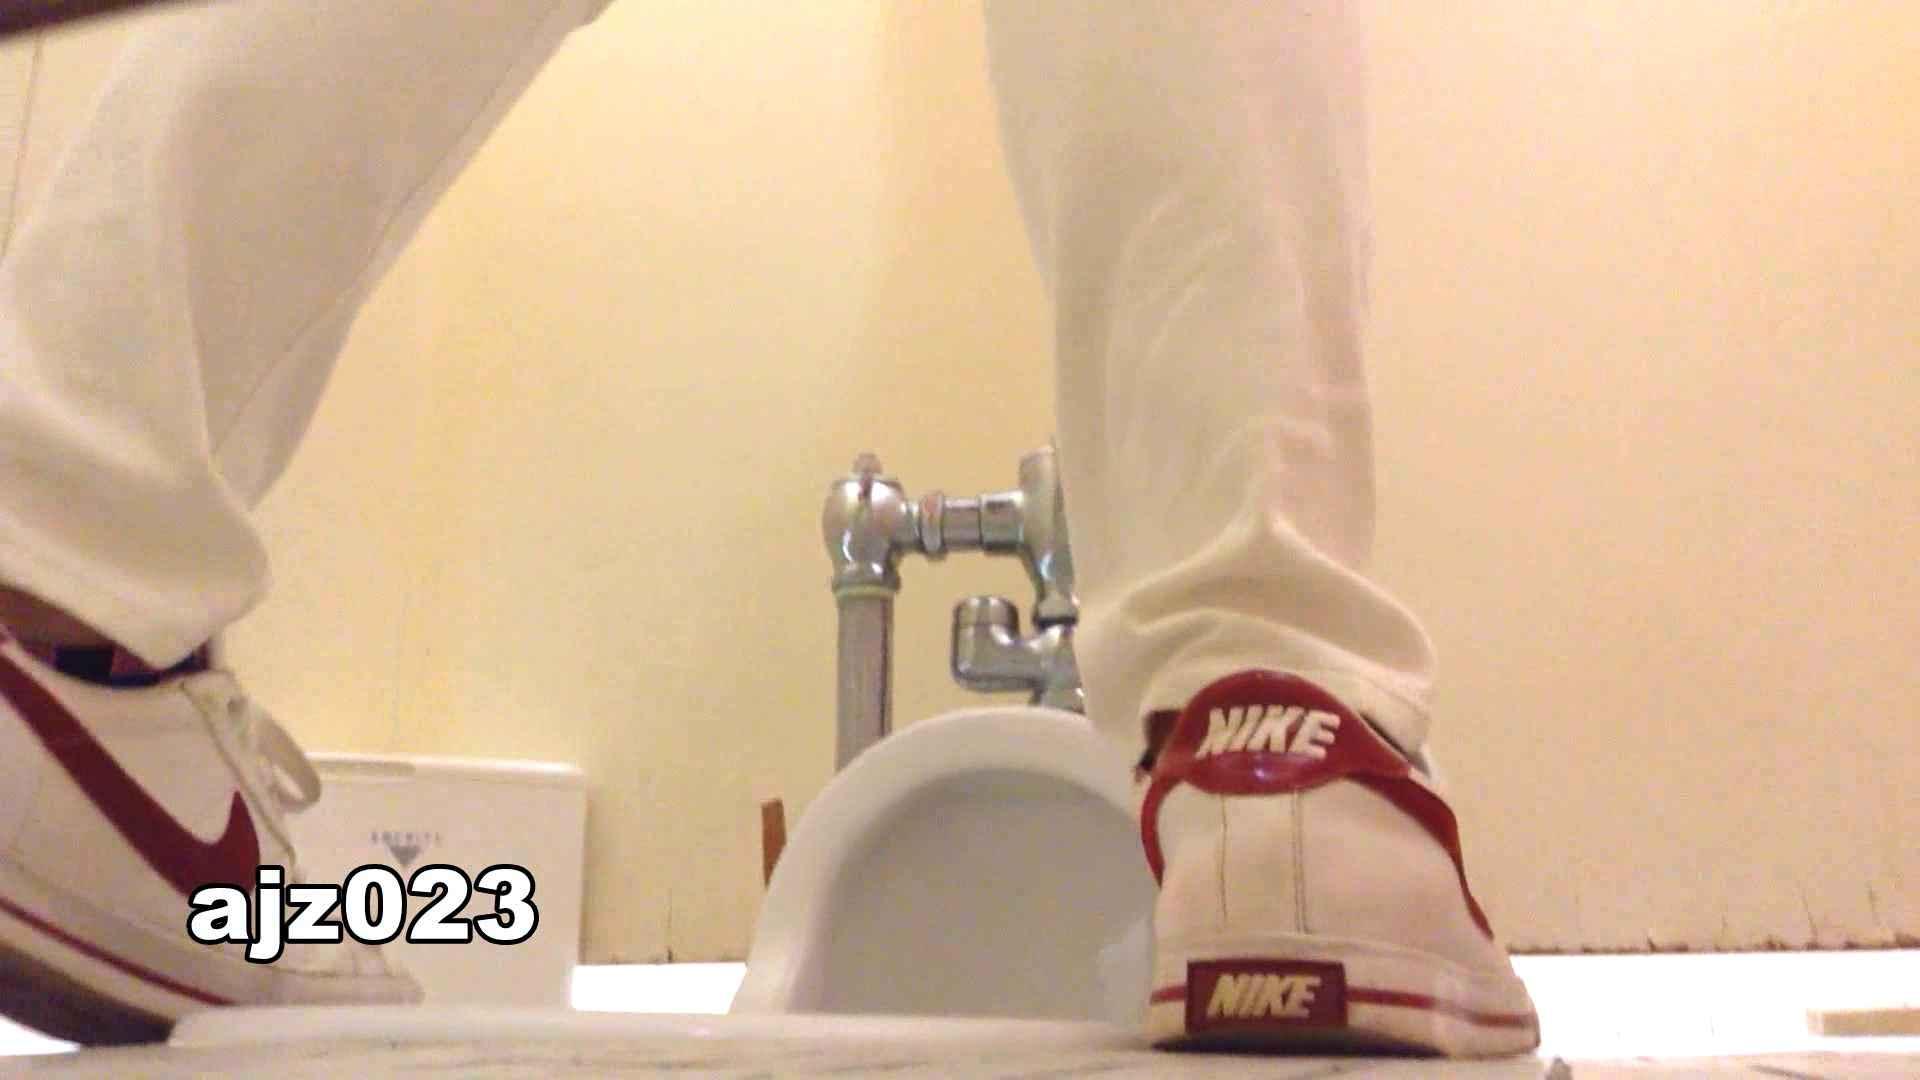 某有名大学女性洗面所 vol.23 洗面所 | HなOL  98pic 10